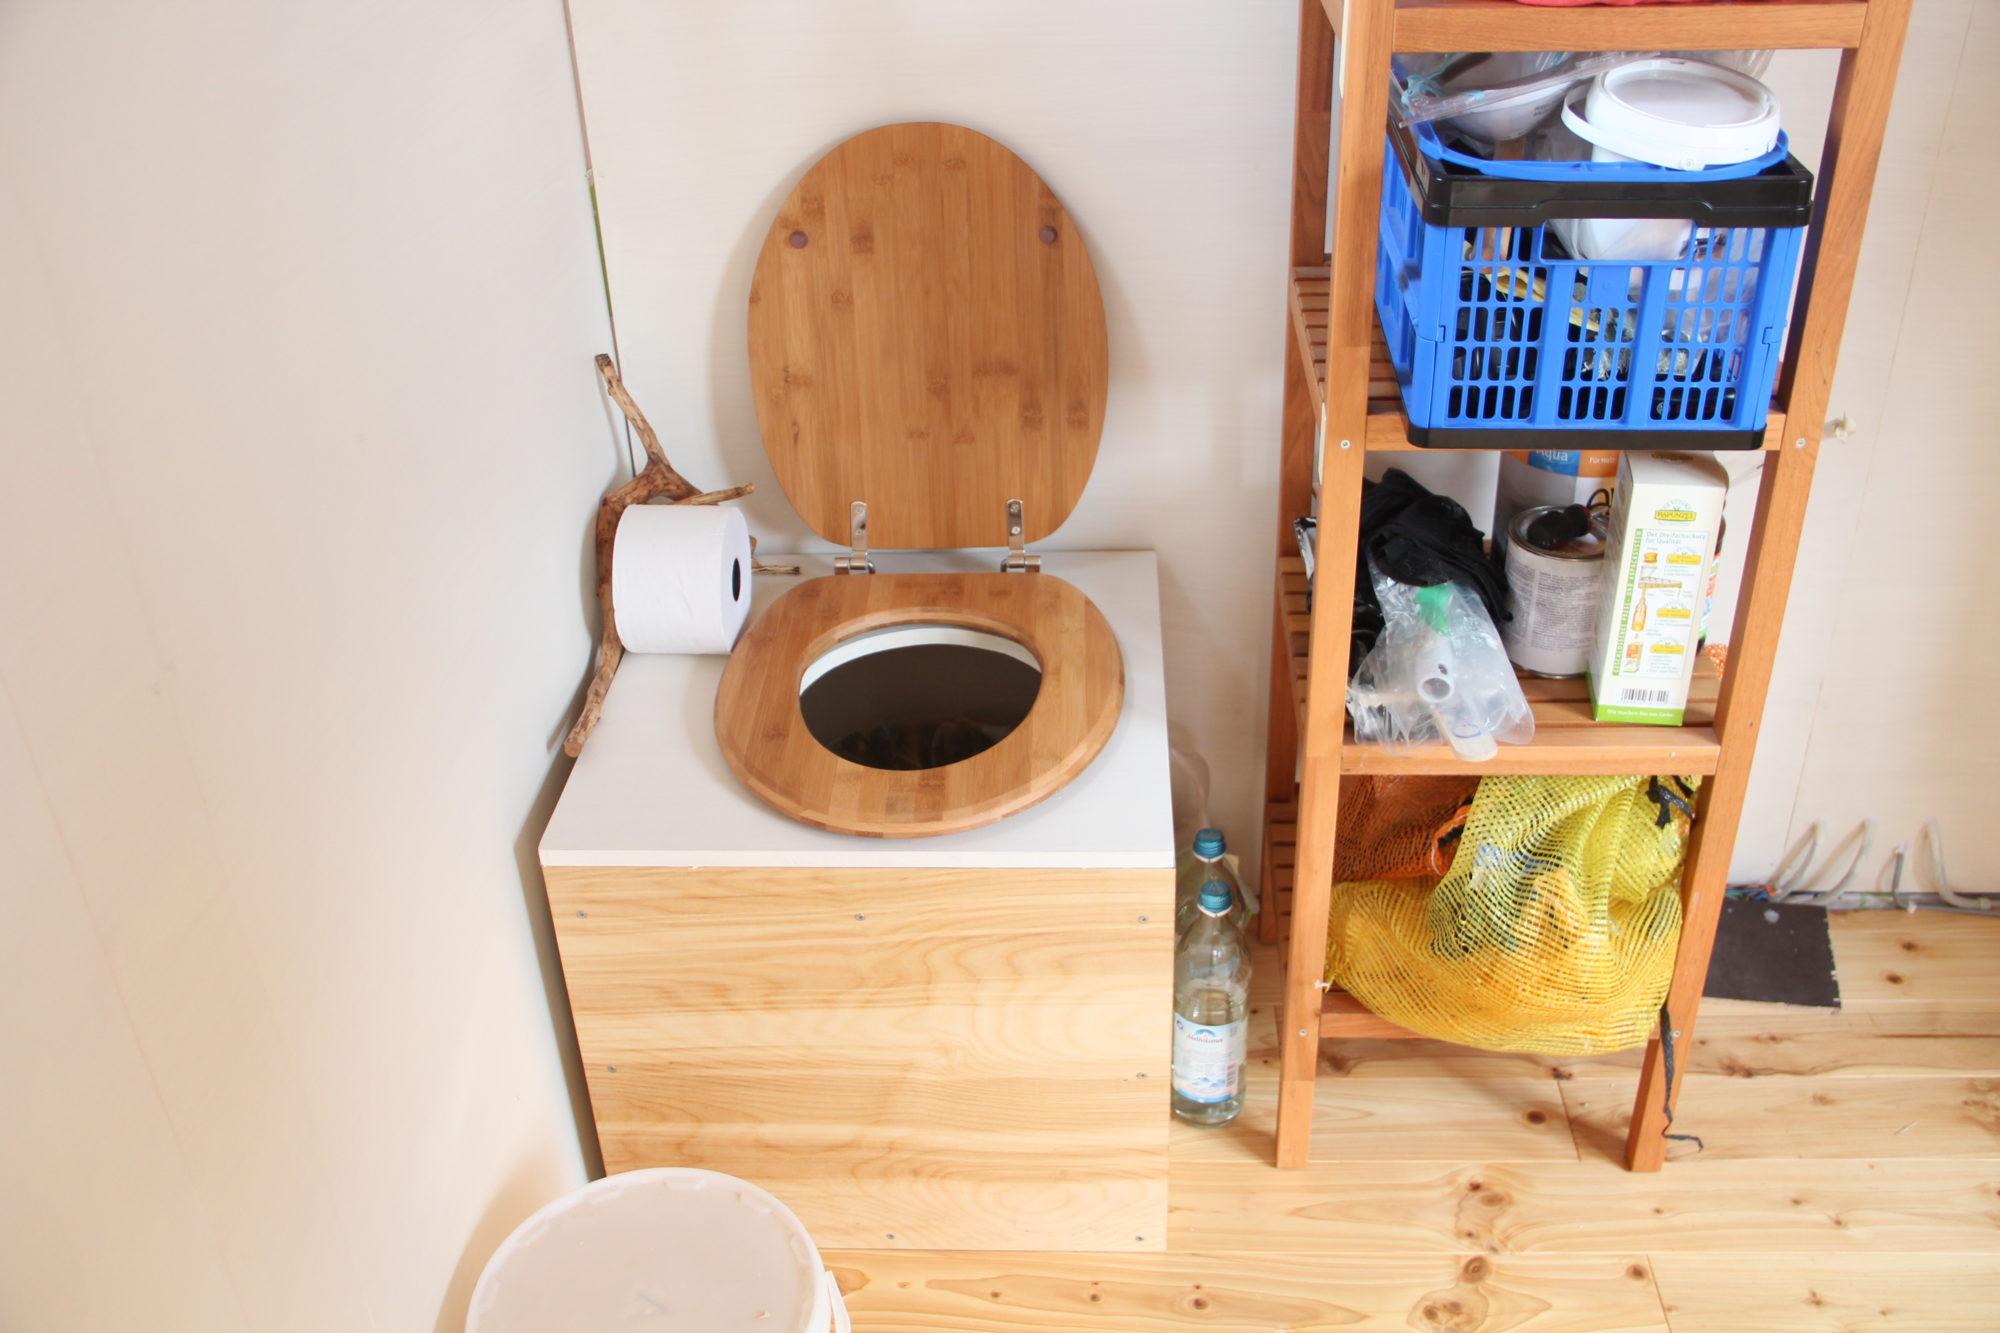 Trockentrenntoilette selber bauen + Kostenvergleich